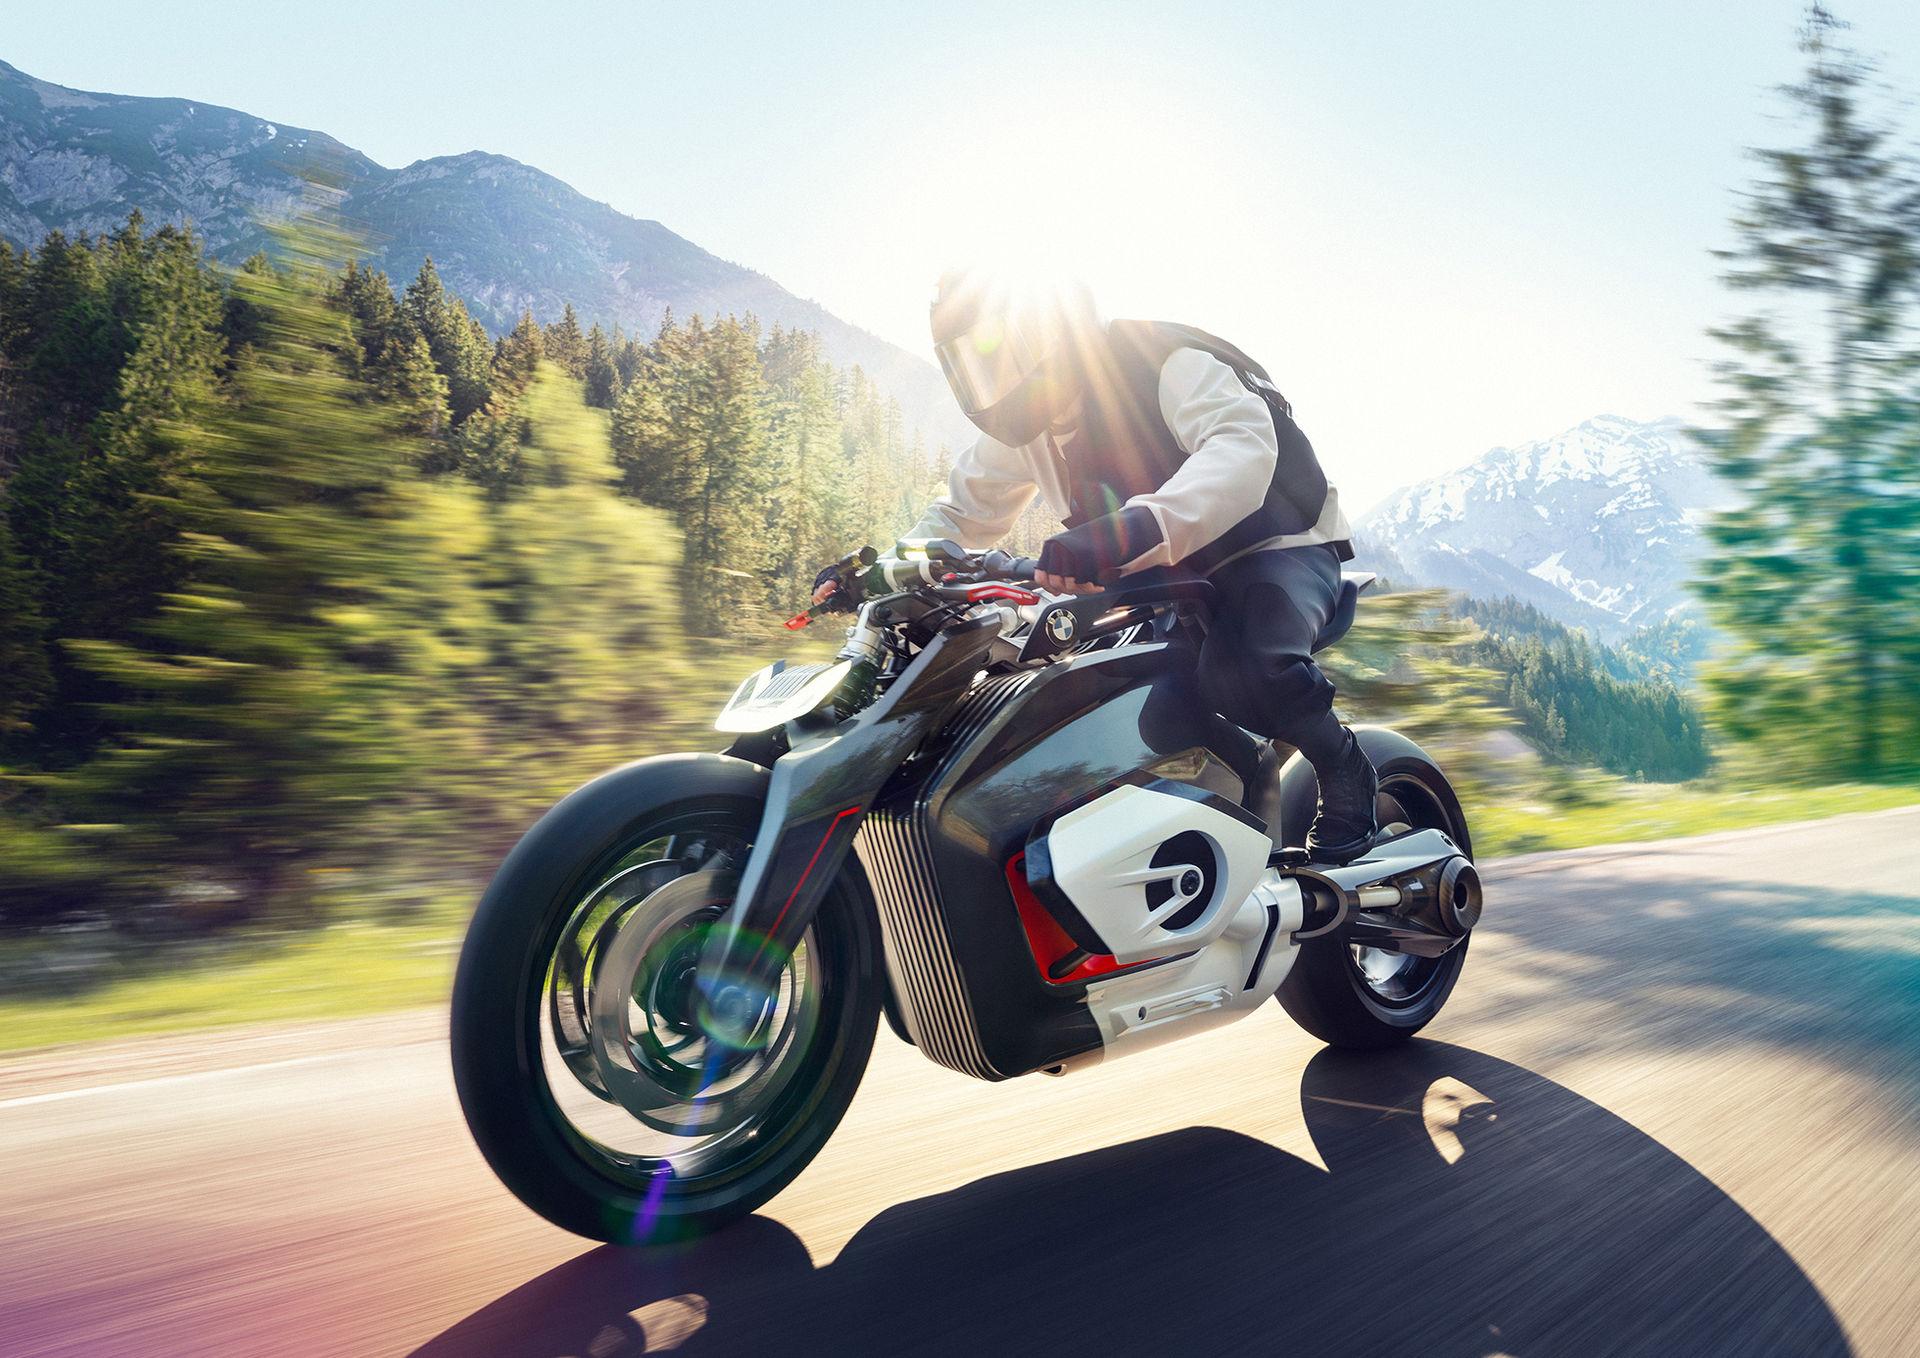 Nytt eldrivet motorcykel-koncept från BMW